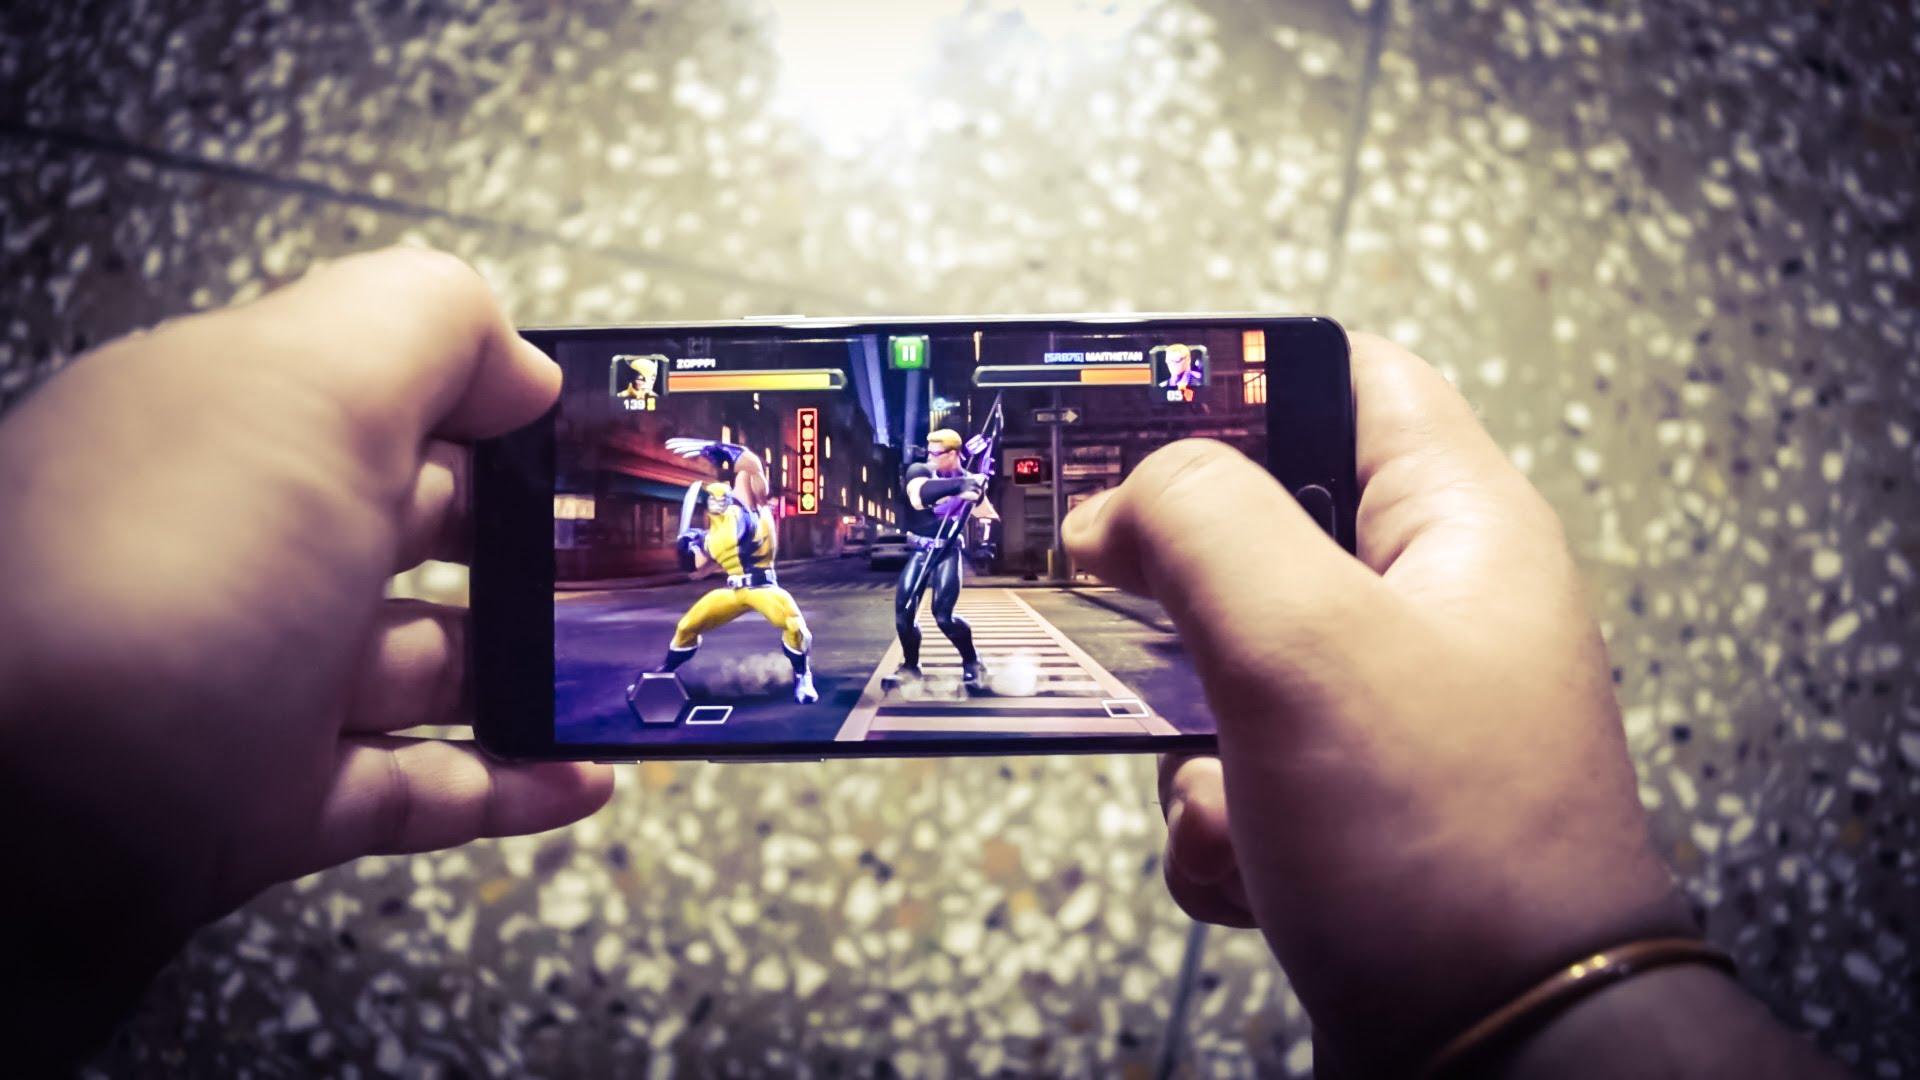 top-3-smartphone-lus-si-ram-6gb-gia-hap-dan-tai-viet-nam-duchuymobile-1